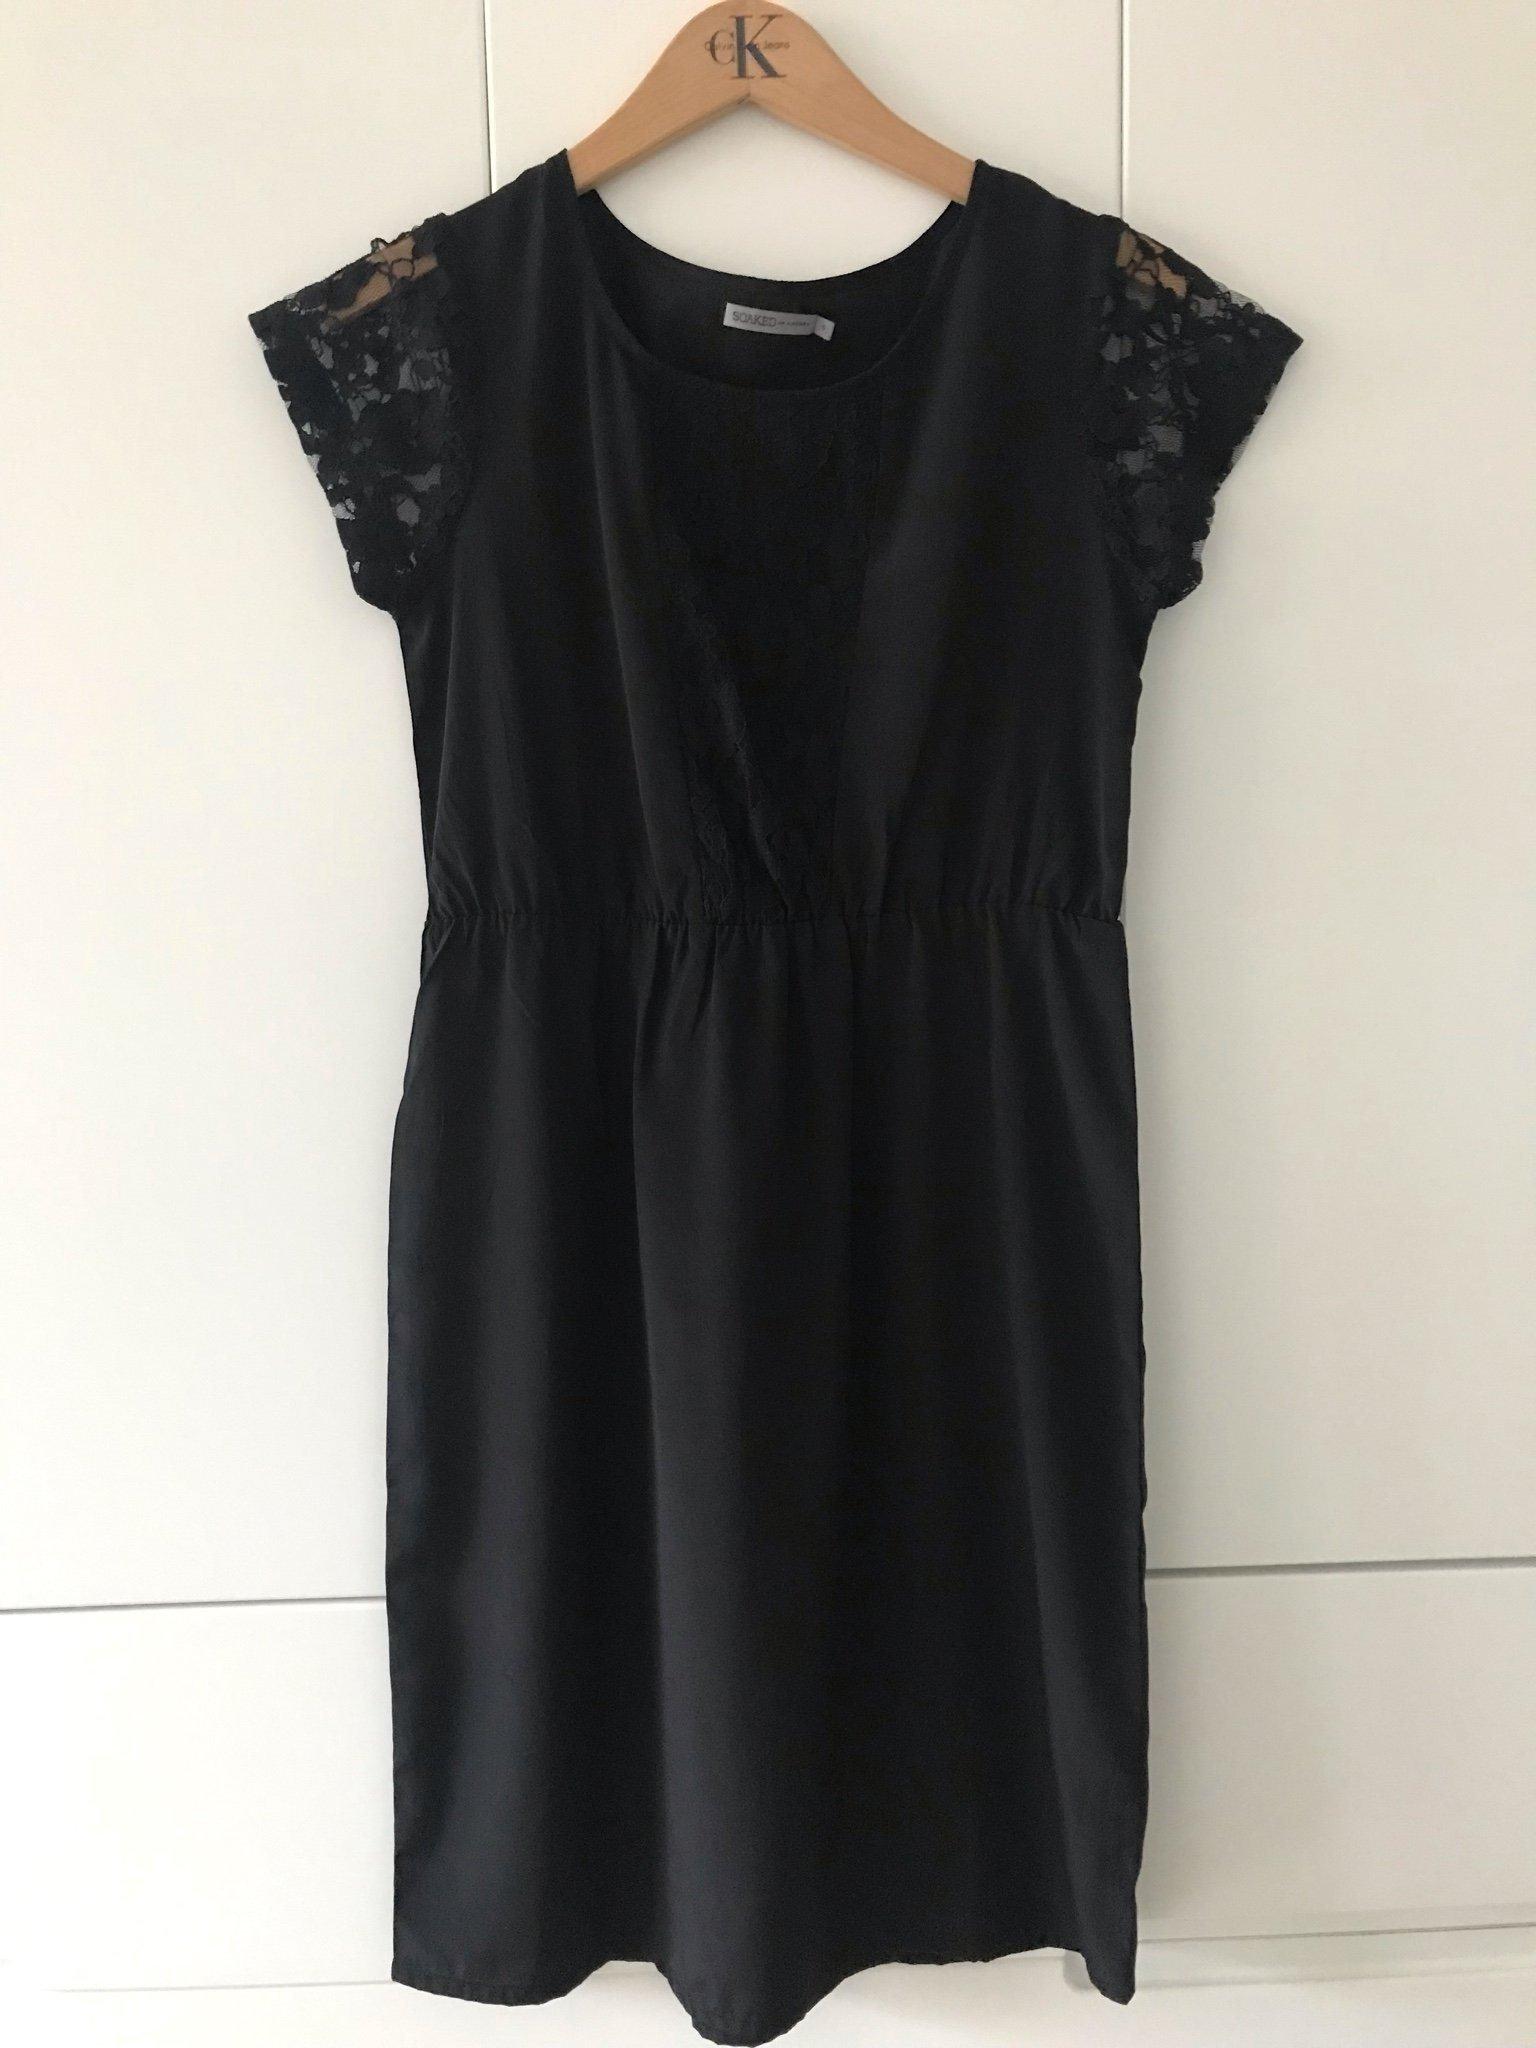 ce8d6808e088 Svart Spetsklänning spets klänning SOAKED In Luxury Stl S / 36 Fest chic  mode